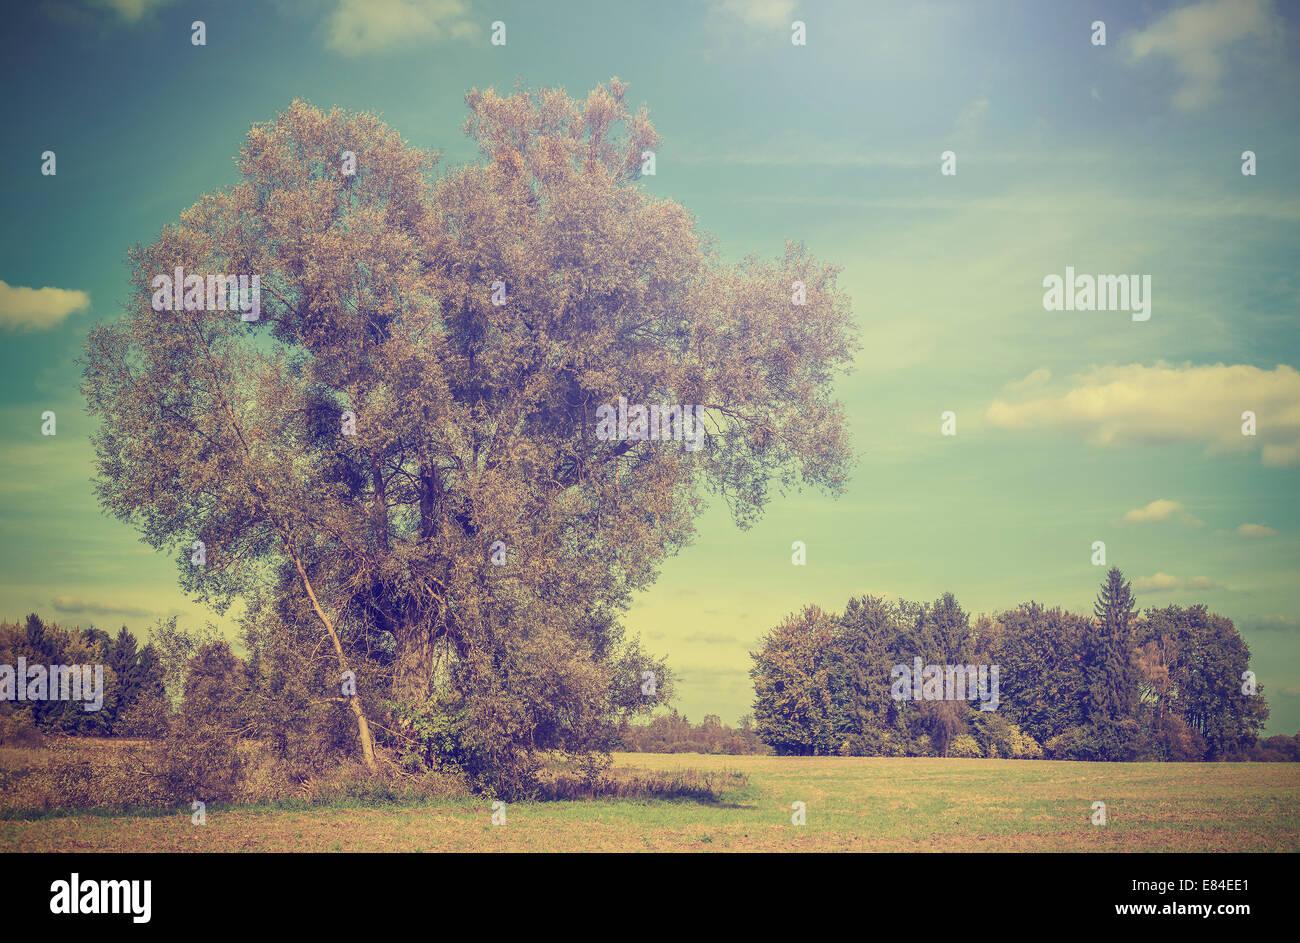 Vintage Bild von Herbst Bereich mit Bäumen, Retro-gefiltert. Stockbild